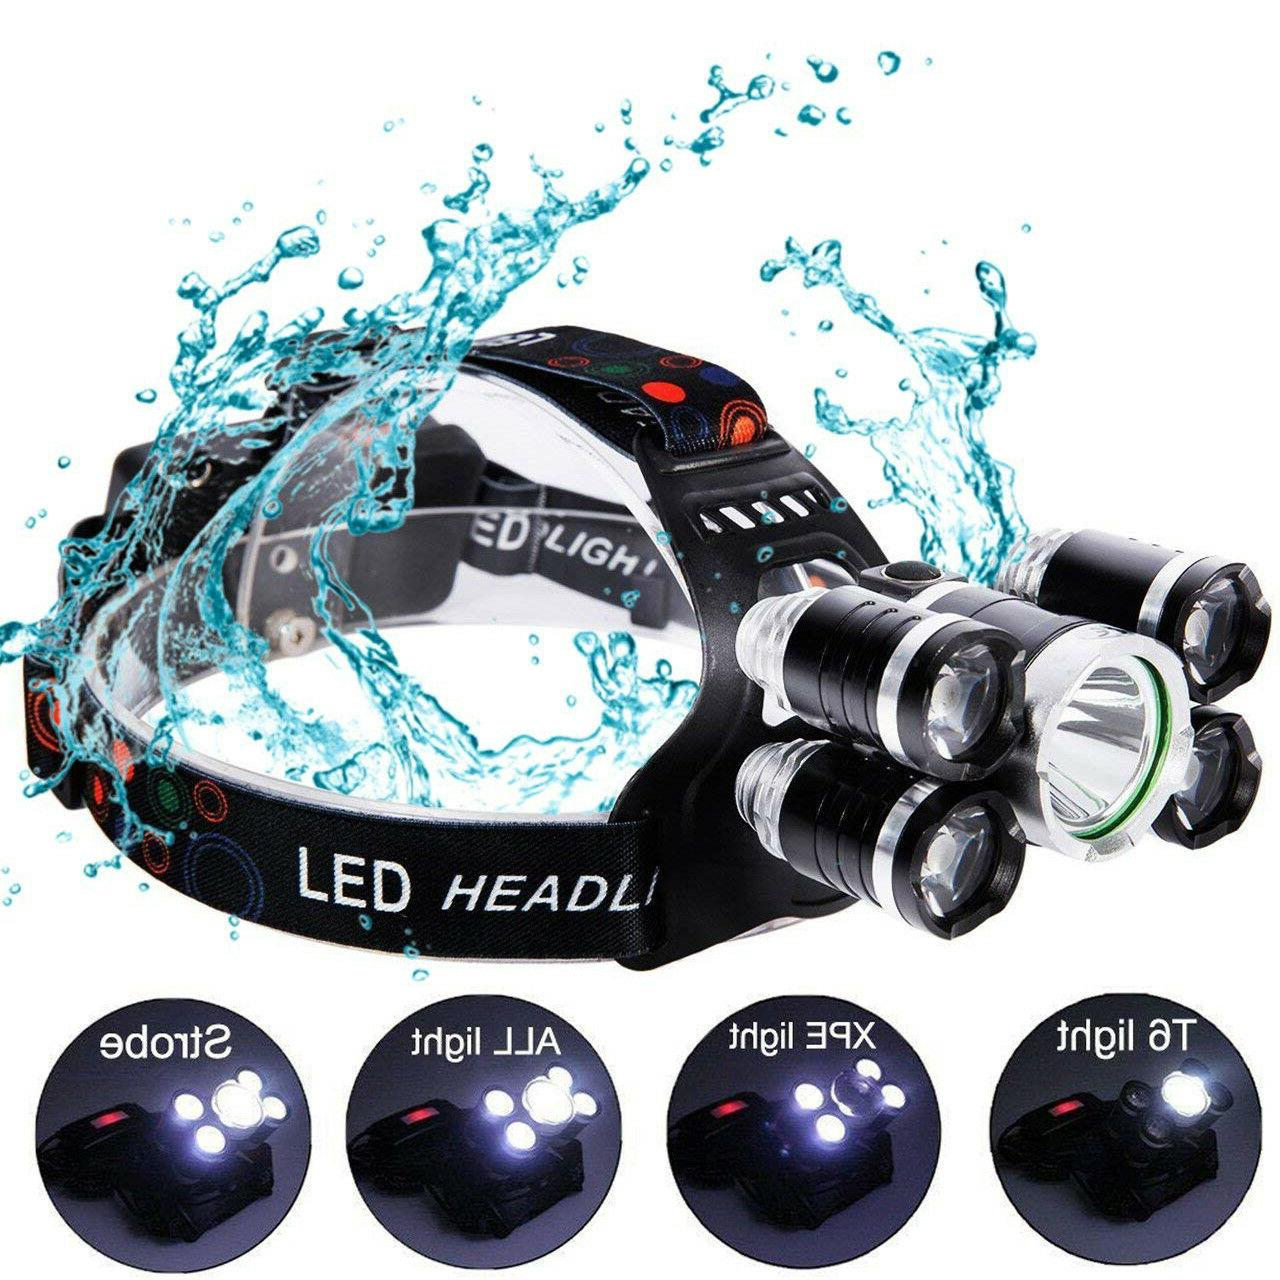 Super-bright 90000LM 5 XM-L T6 Headlight Flashlight Torch